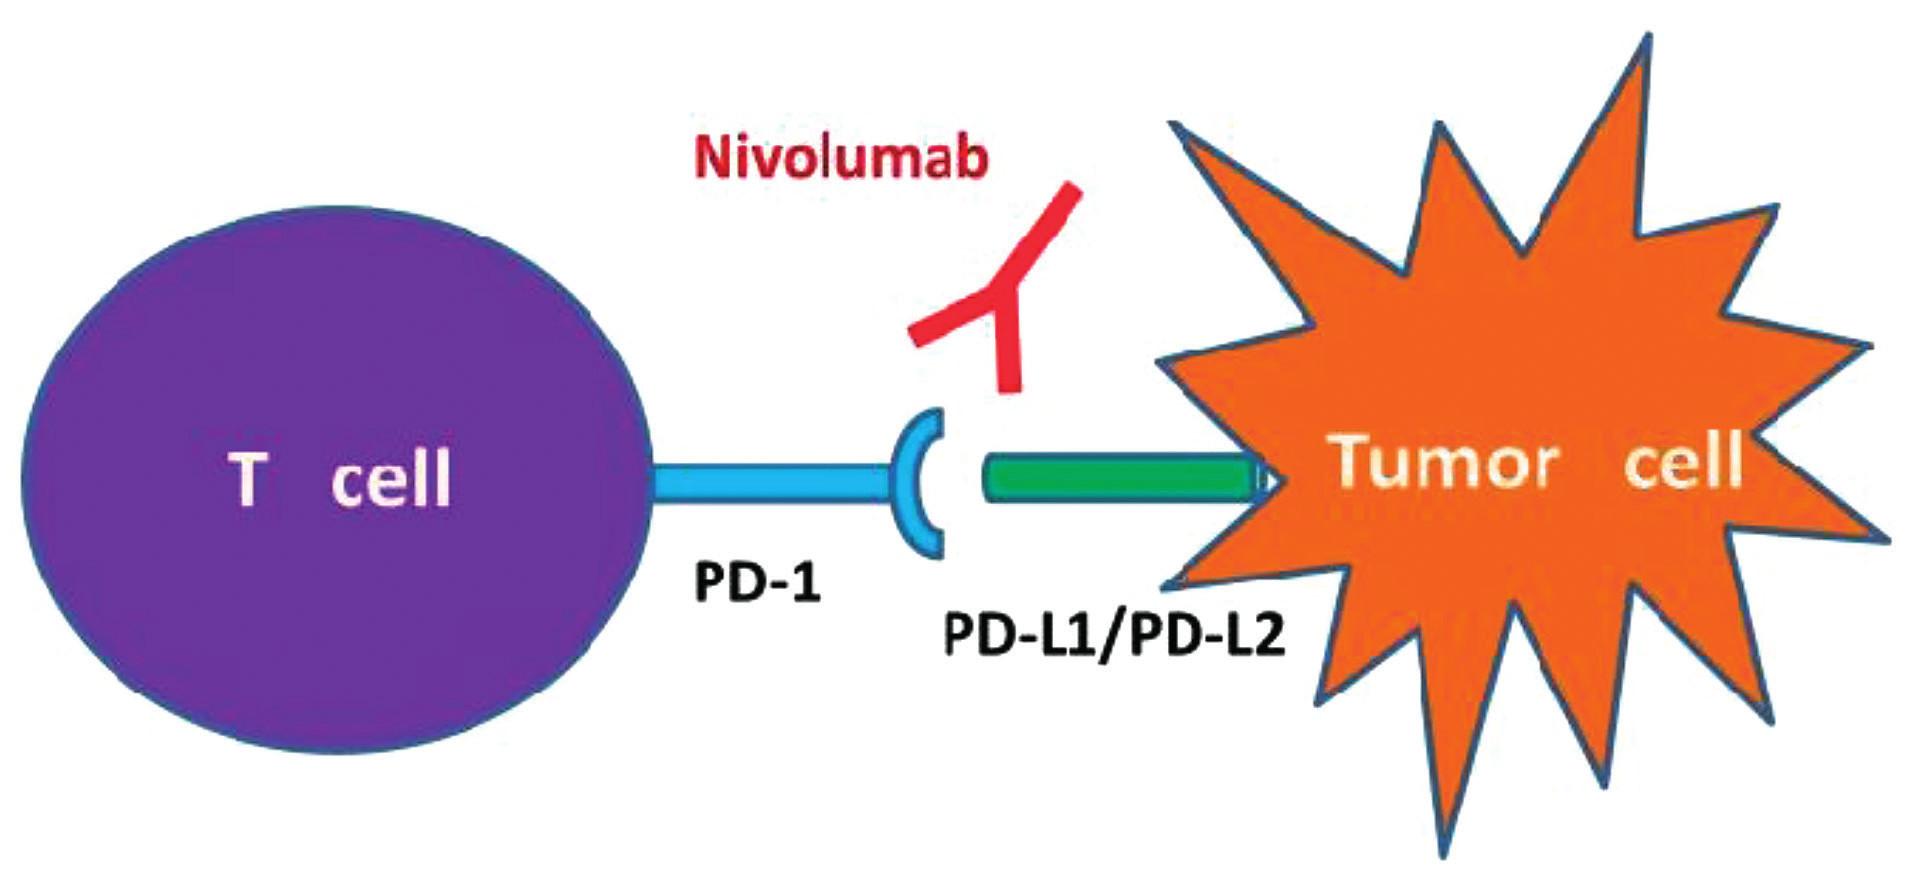 """Immune checkpoint 2 Nivolumab, """"check-point"""" inhibitor PD-1,mechanismus působení CPI Nivolumab je humánní monoklonální protilátka IgG4 fungující jako inhibitor """"check point"""" PD-1 (""""programmed death""""). Aktivuje protinádorovou imunitní odpověď T lymfocytů. Zabraňuje vazbě PD-1 na jeho ligandy PD-L1 a PD-L2 a tím blokuje přenos inhibičního signálu do T-lymfocytu. IgG4 – imunoglobulin G4.<br> (Upraveno podle Postow MA, Callahan MK, Wolchok JD, Blockade in cancer therapy. J Clin Oncol 2015;33(17):1974–1982)."""